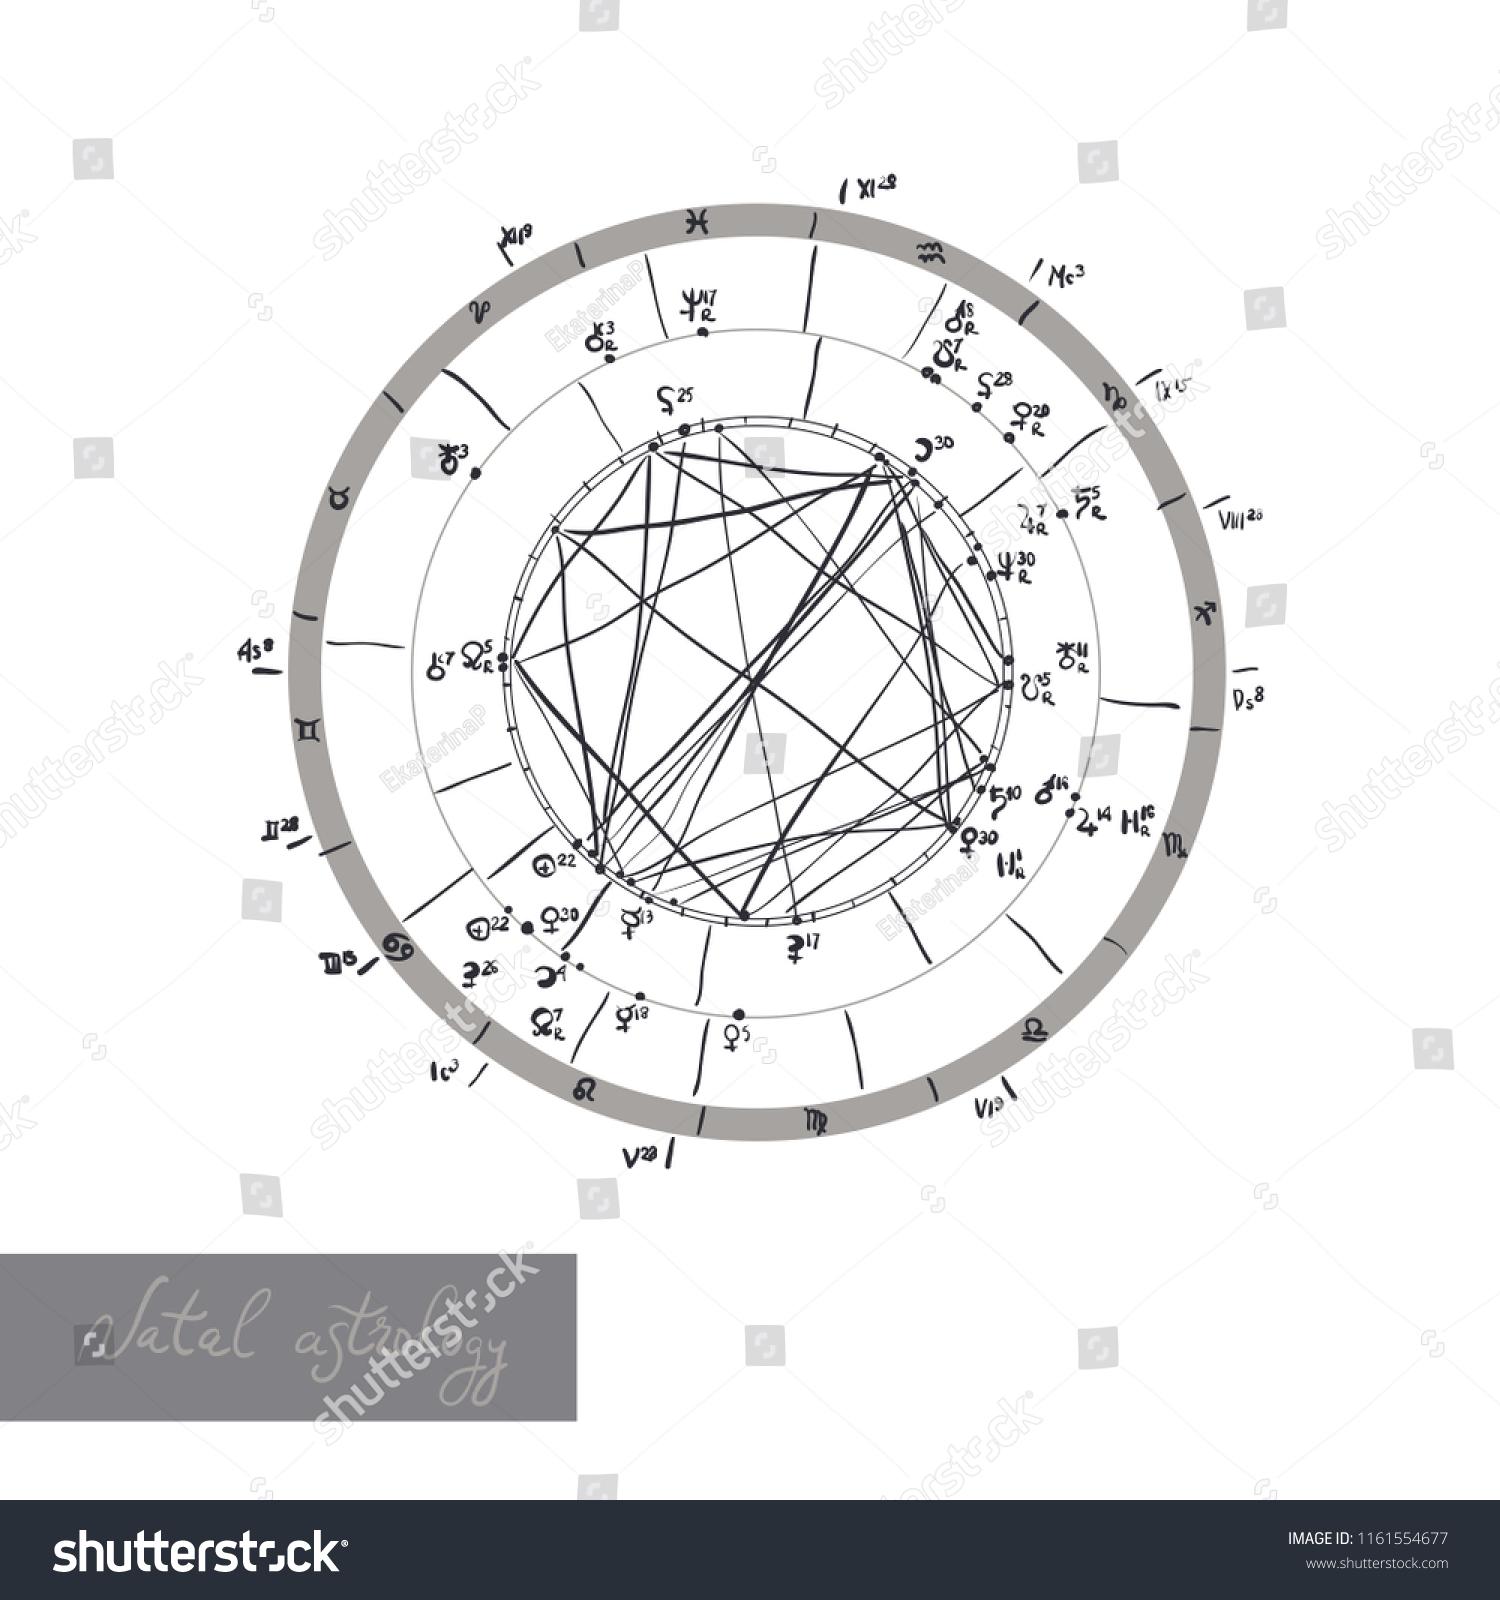 Horoscope Natal Chart Astrological Celestial Map Stock Vector